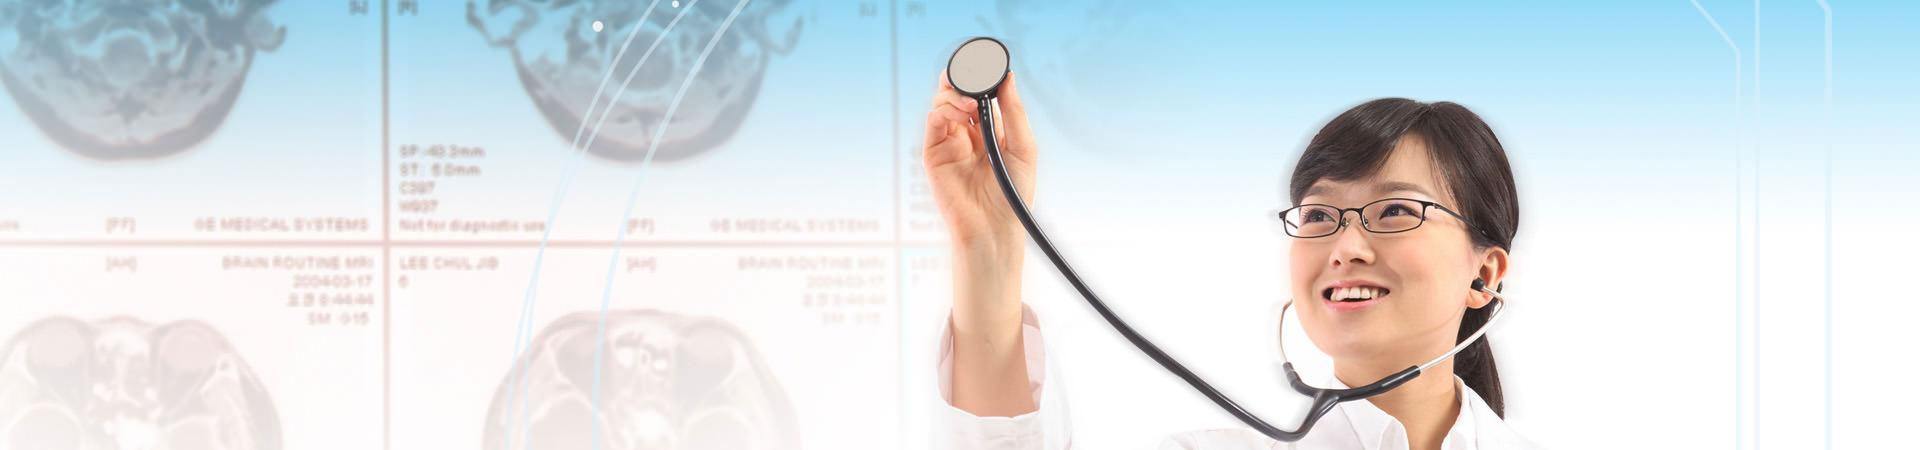 海立方医疗科技